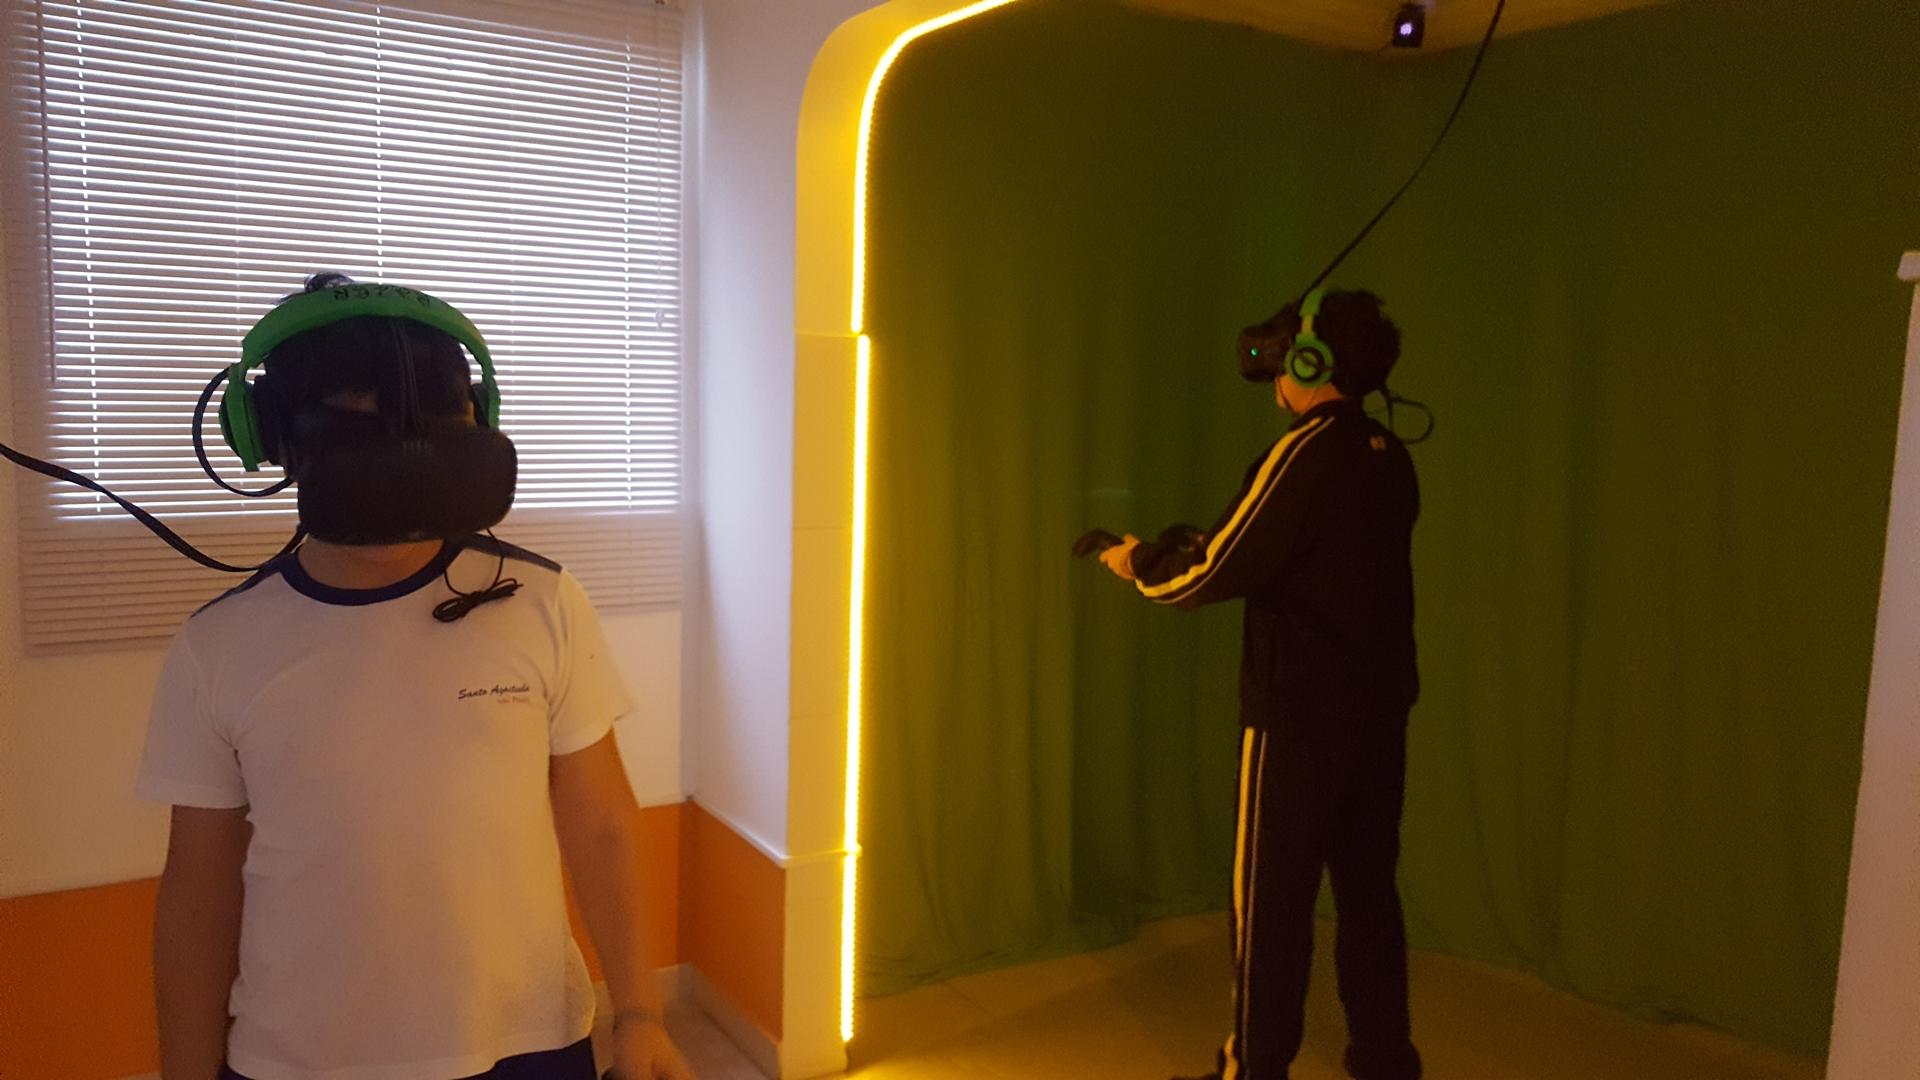 Fomos à VR Gamer e acredite: lan house de VR é algo que veio para ficar